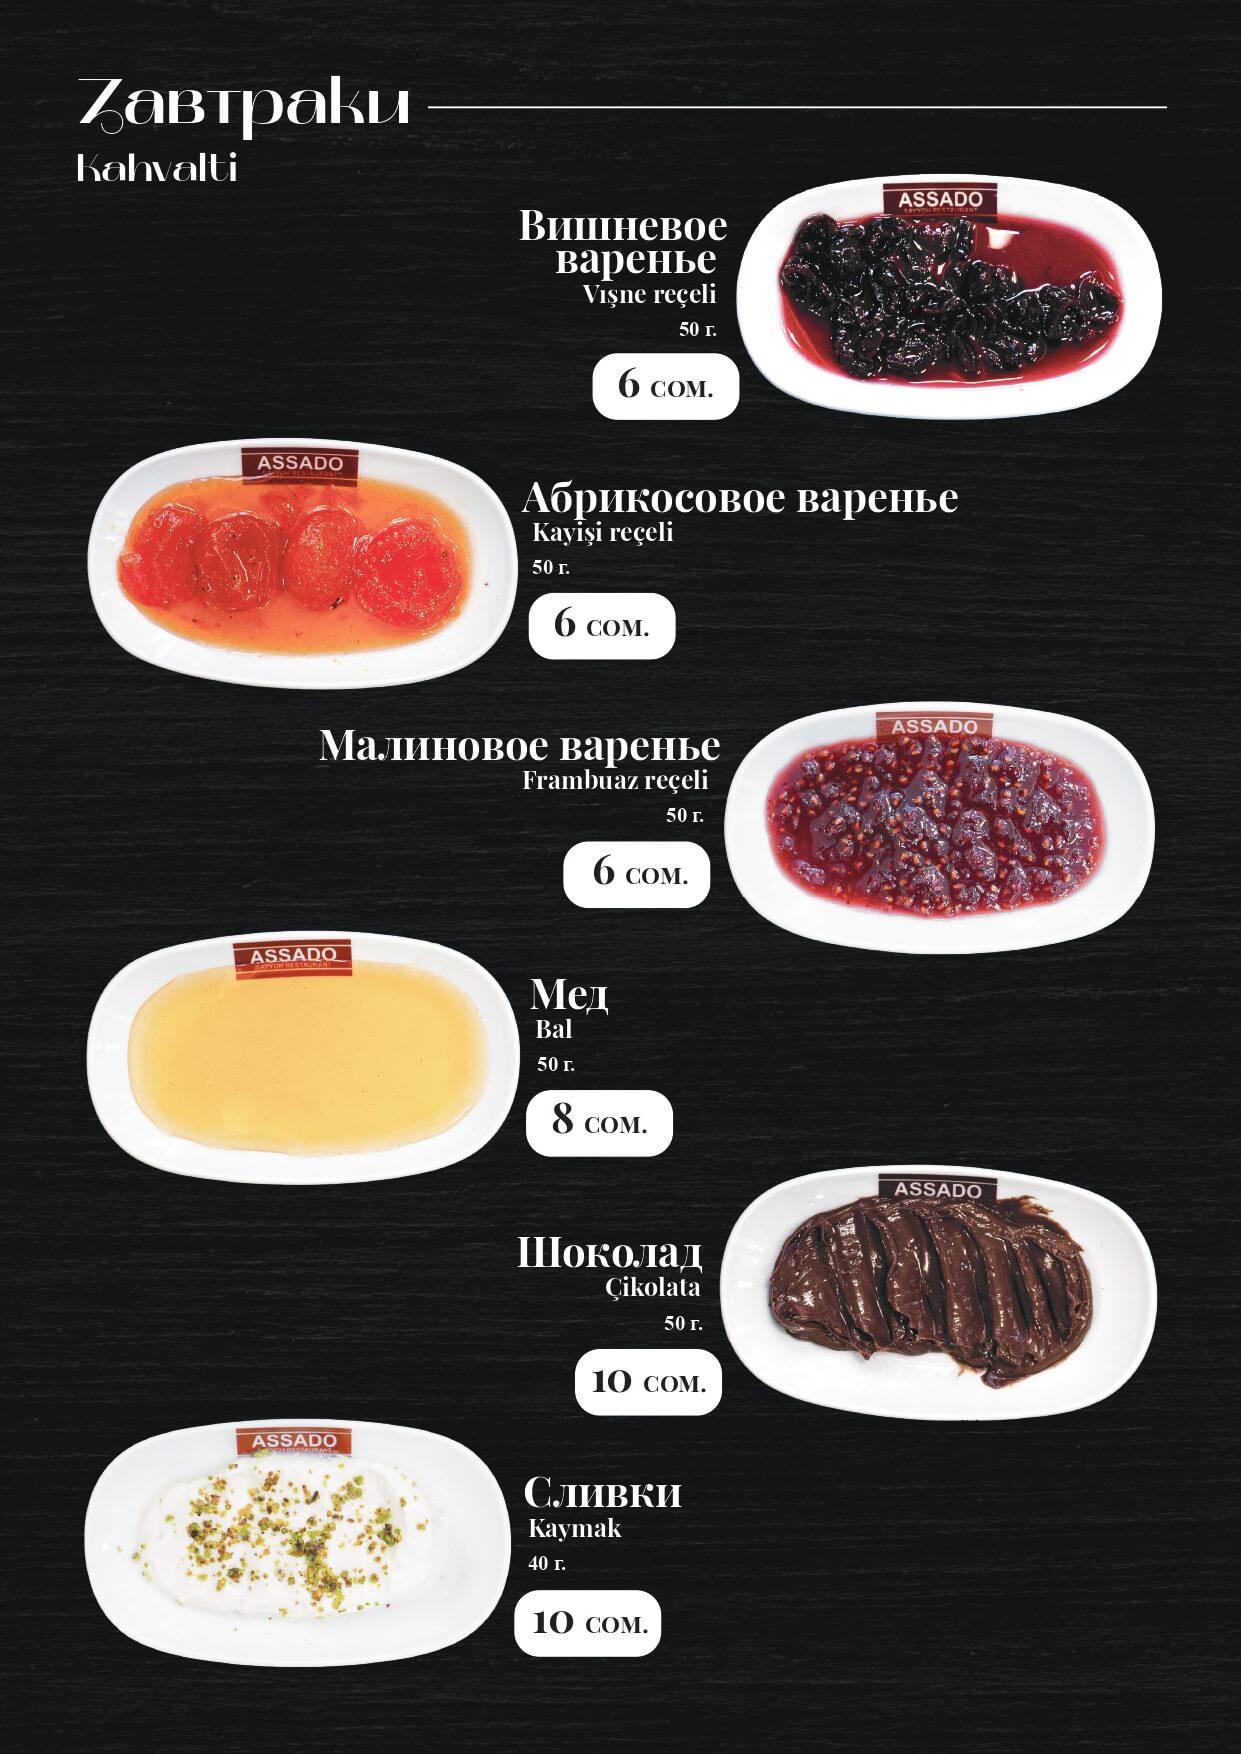 Assado_menu_page-0005